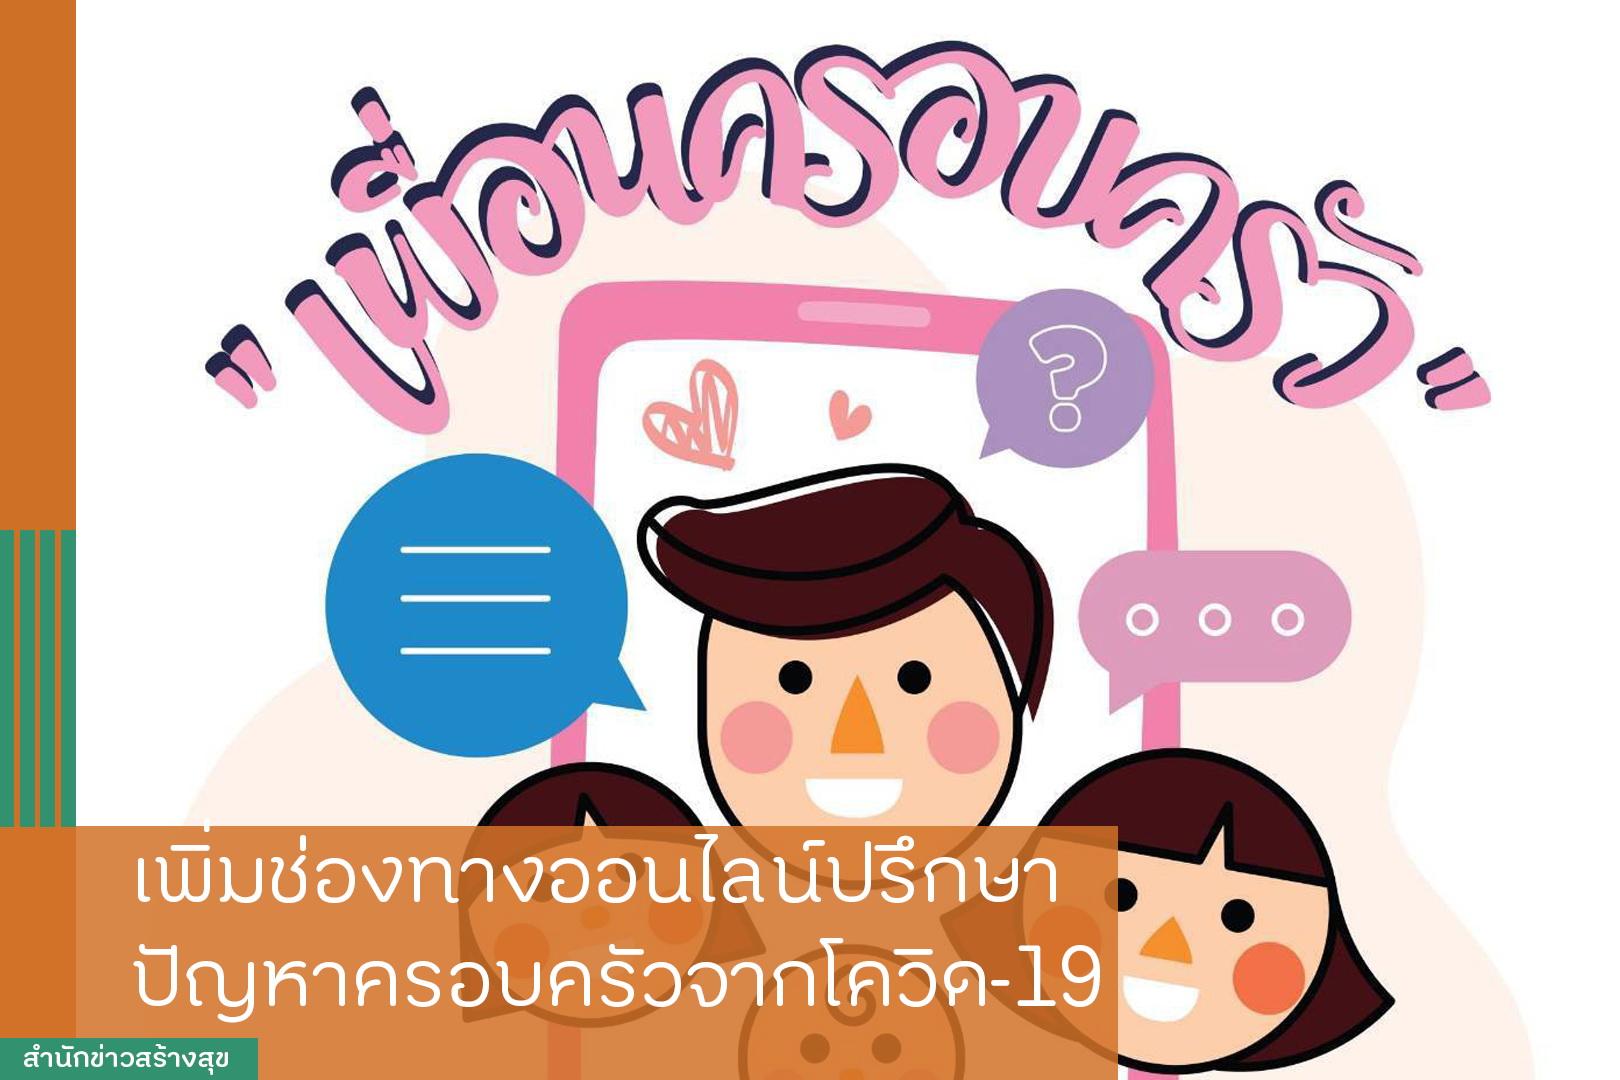 เพิ่มช่องทางออนไลน์ปรึกษา ปัญหาครอบครัวจากโควิด thaihealth